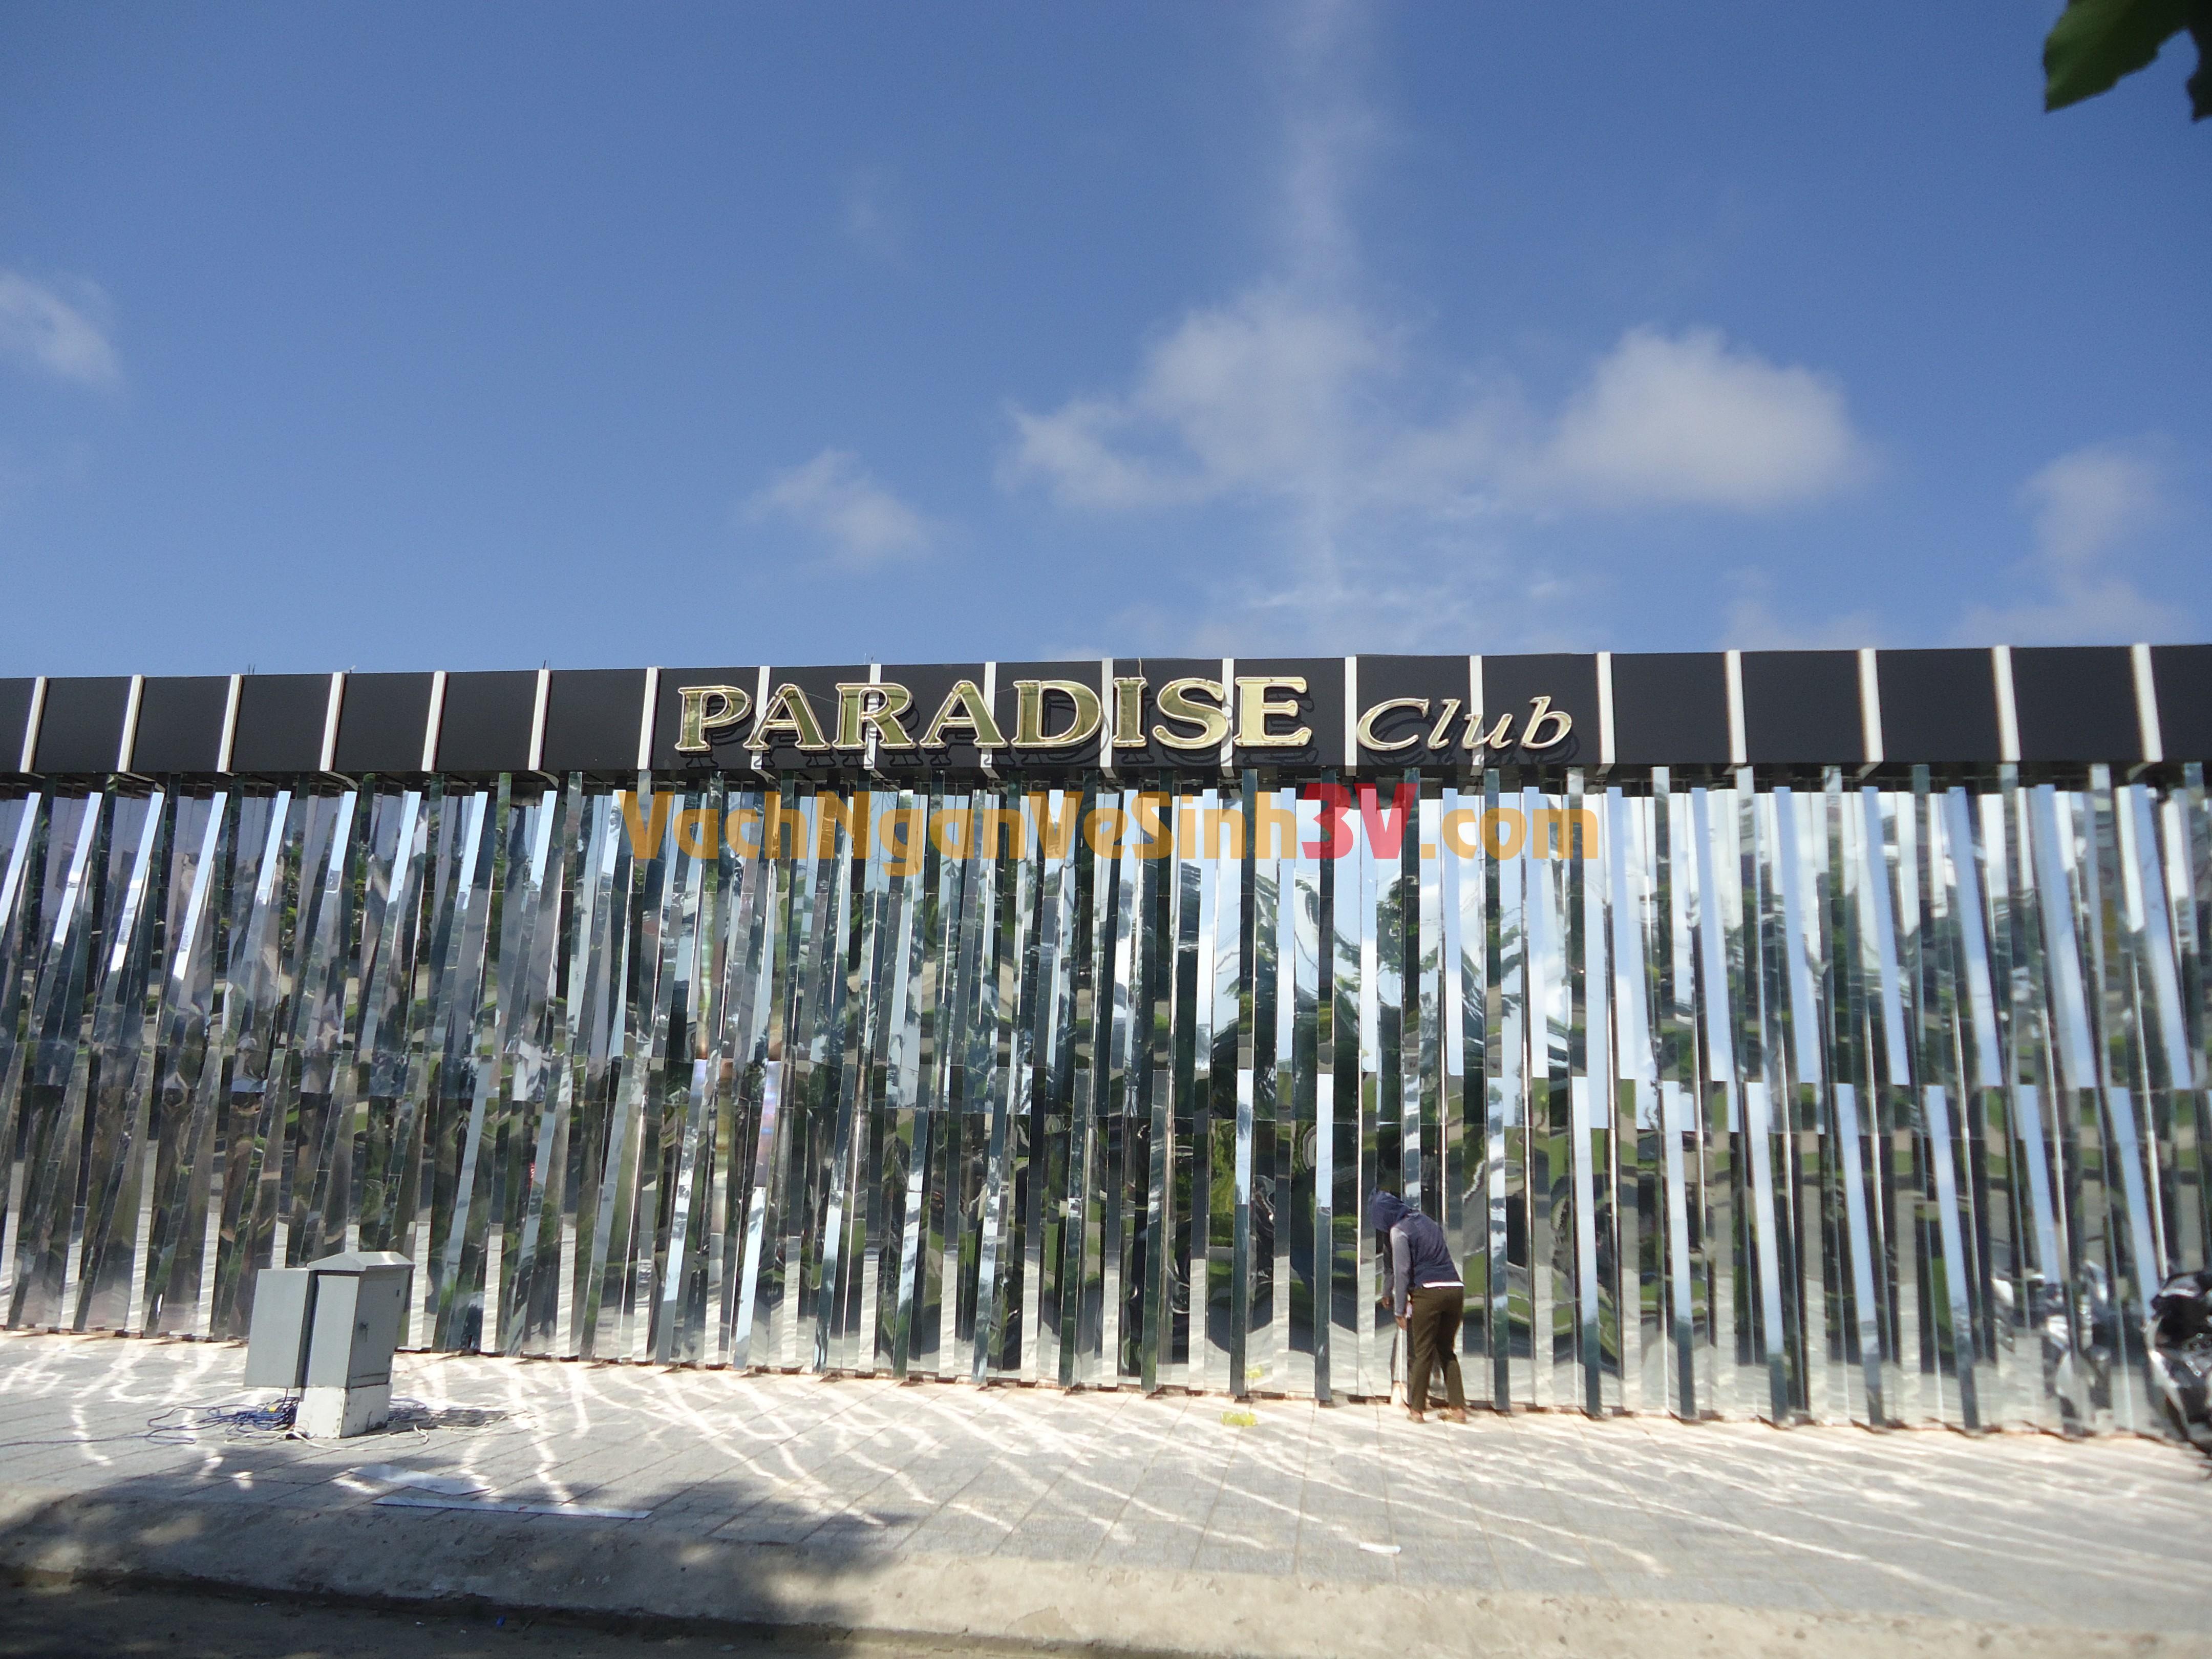 3V GROUP thi công vách ngăn vệ sinh compact cho vũ trường Paradise tại Rạch Giá Kiên Giang